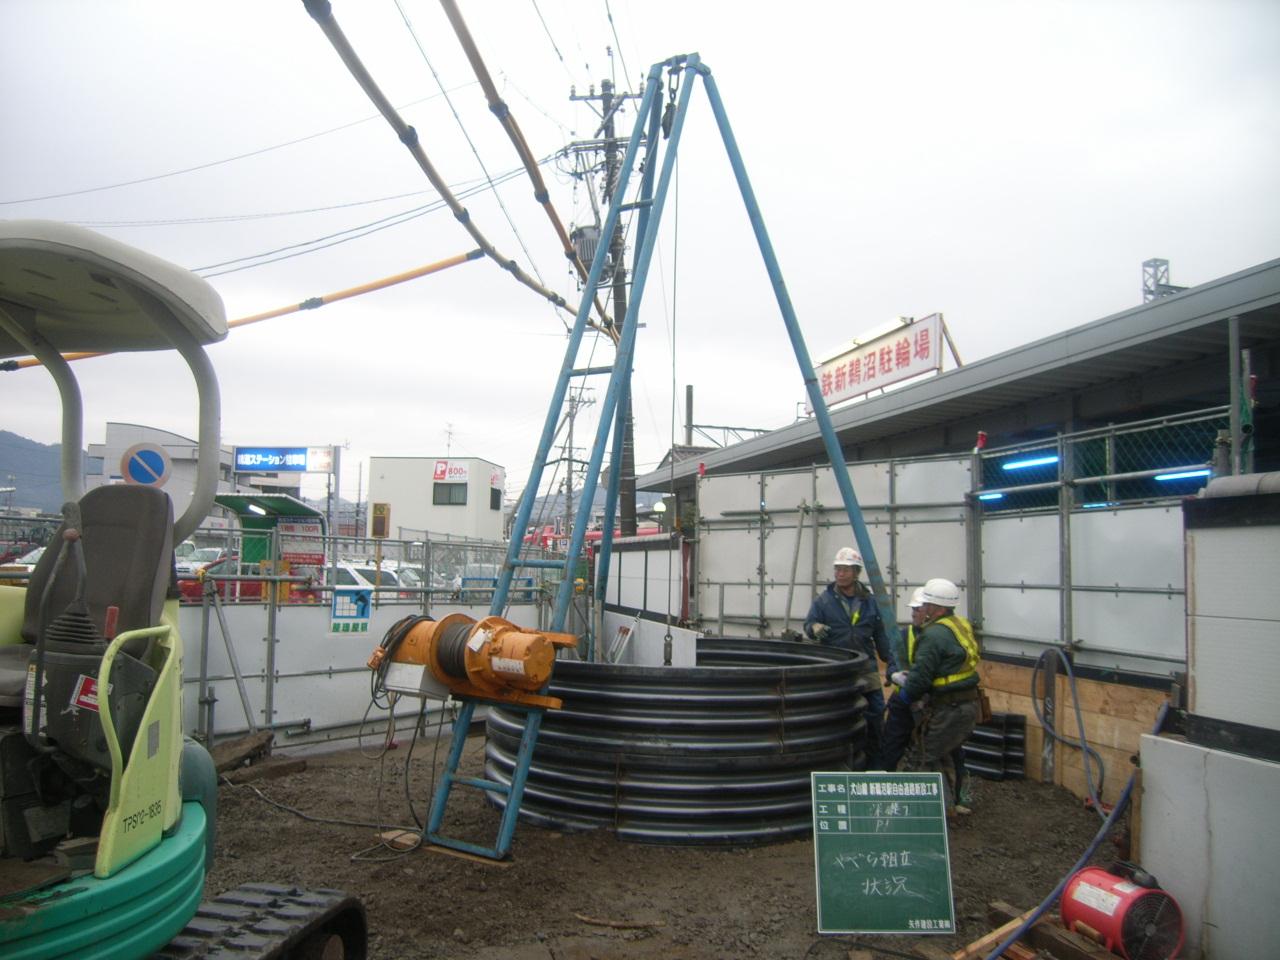 犬山線鵜沼駅自由通路等新設に伴う詳細設計工事